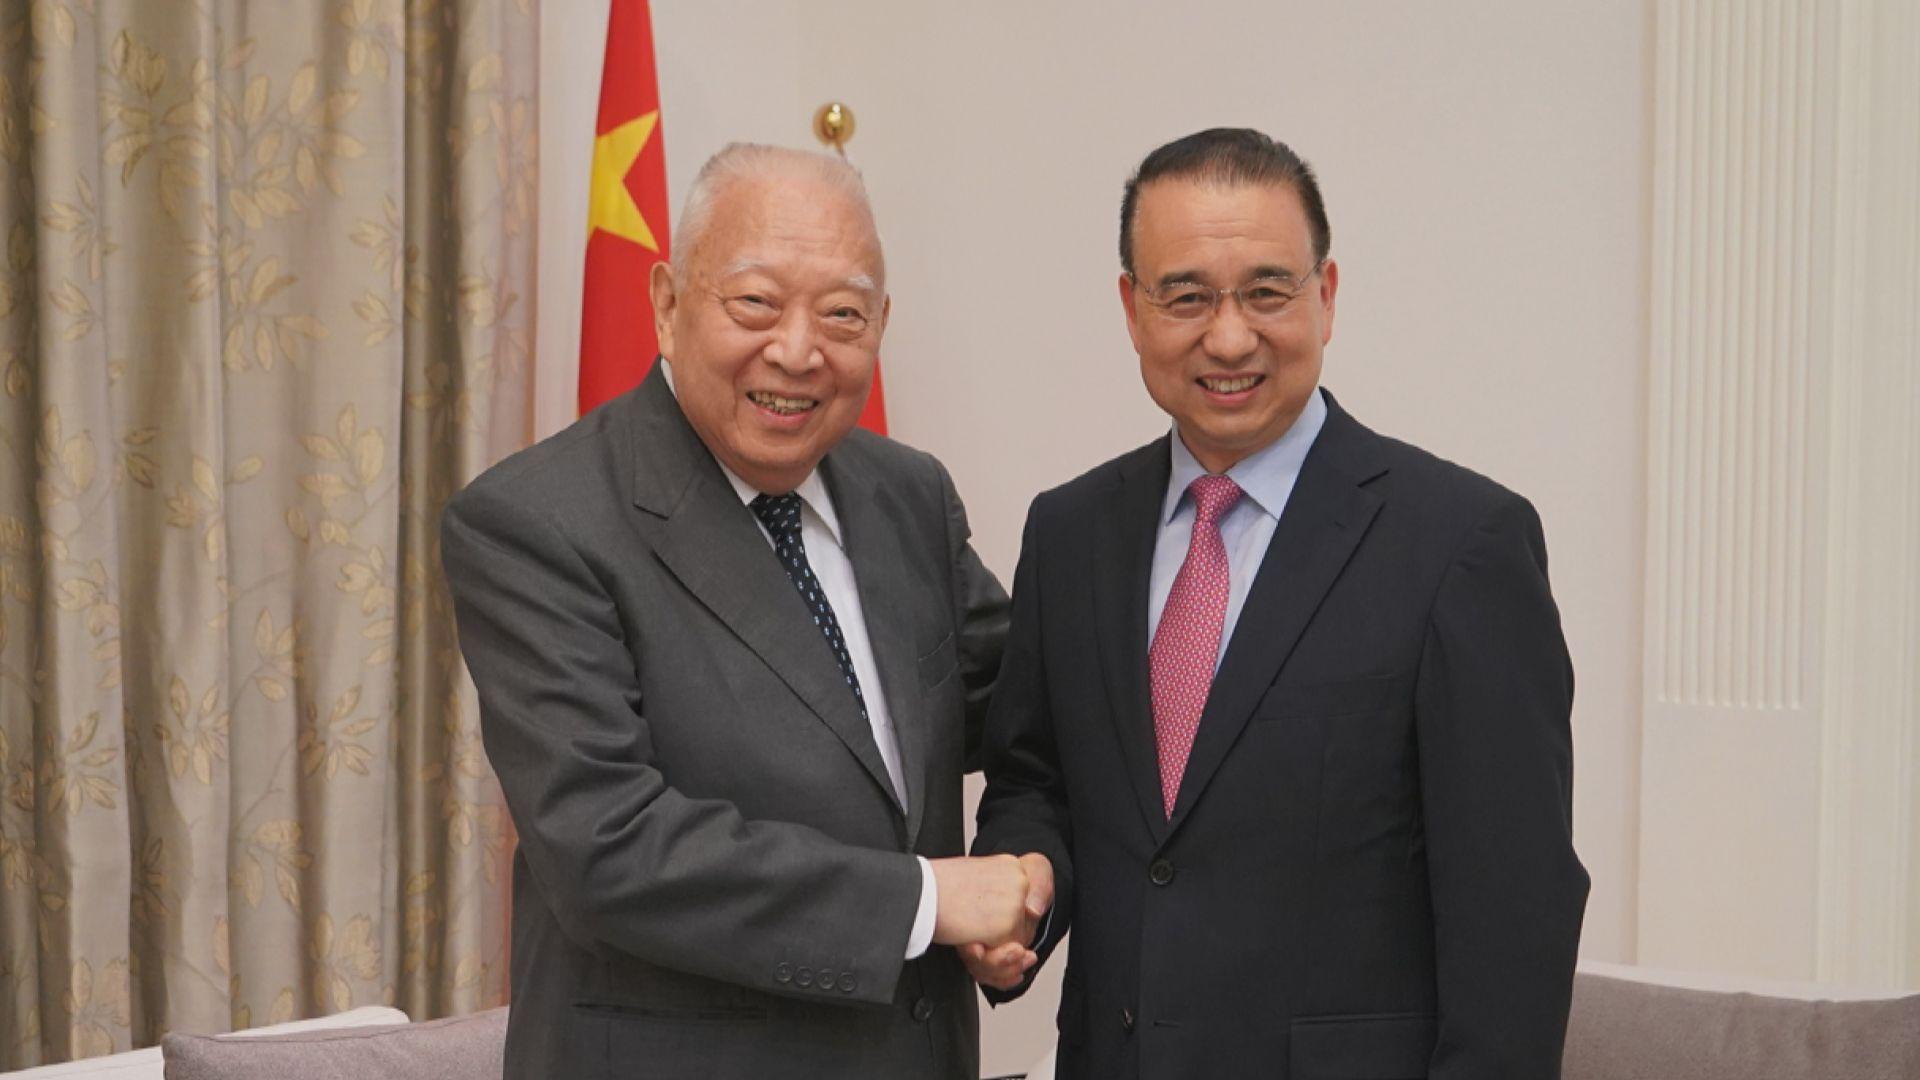 劉光源拜會董建華 對一國兩制貢獻表示敬意